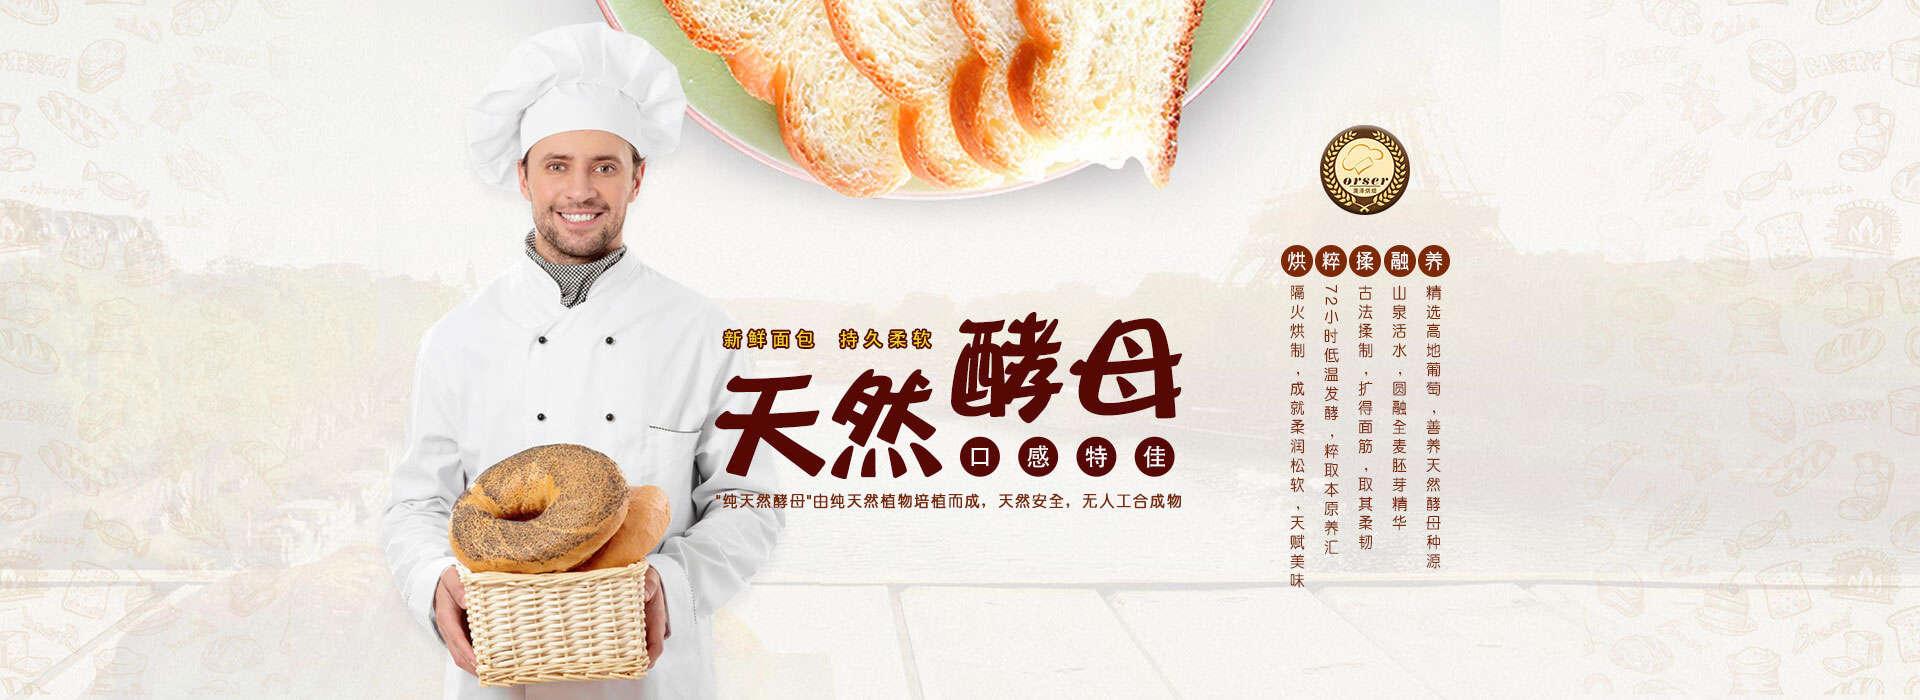 新法澳泽烘焙天然酵母_昌启蛋糕面包加盟